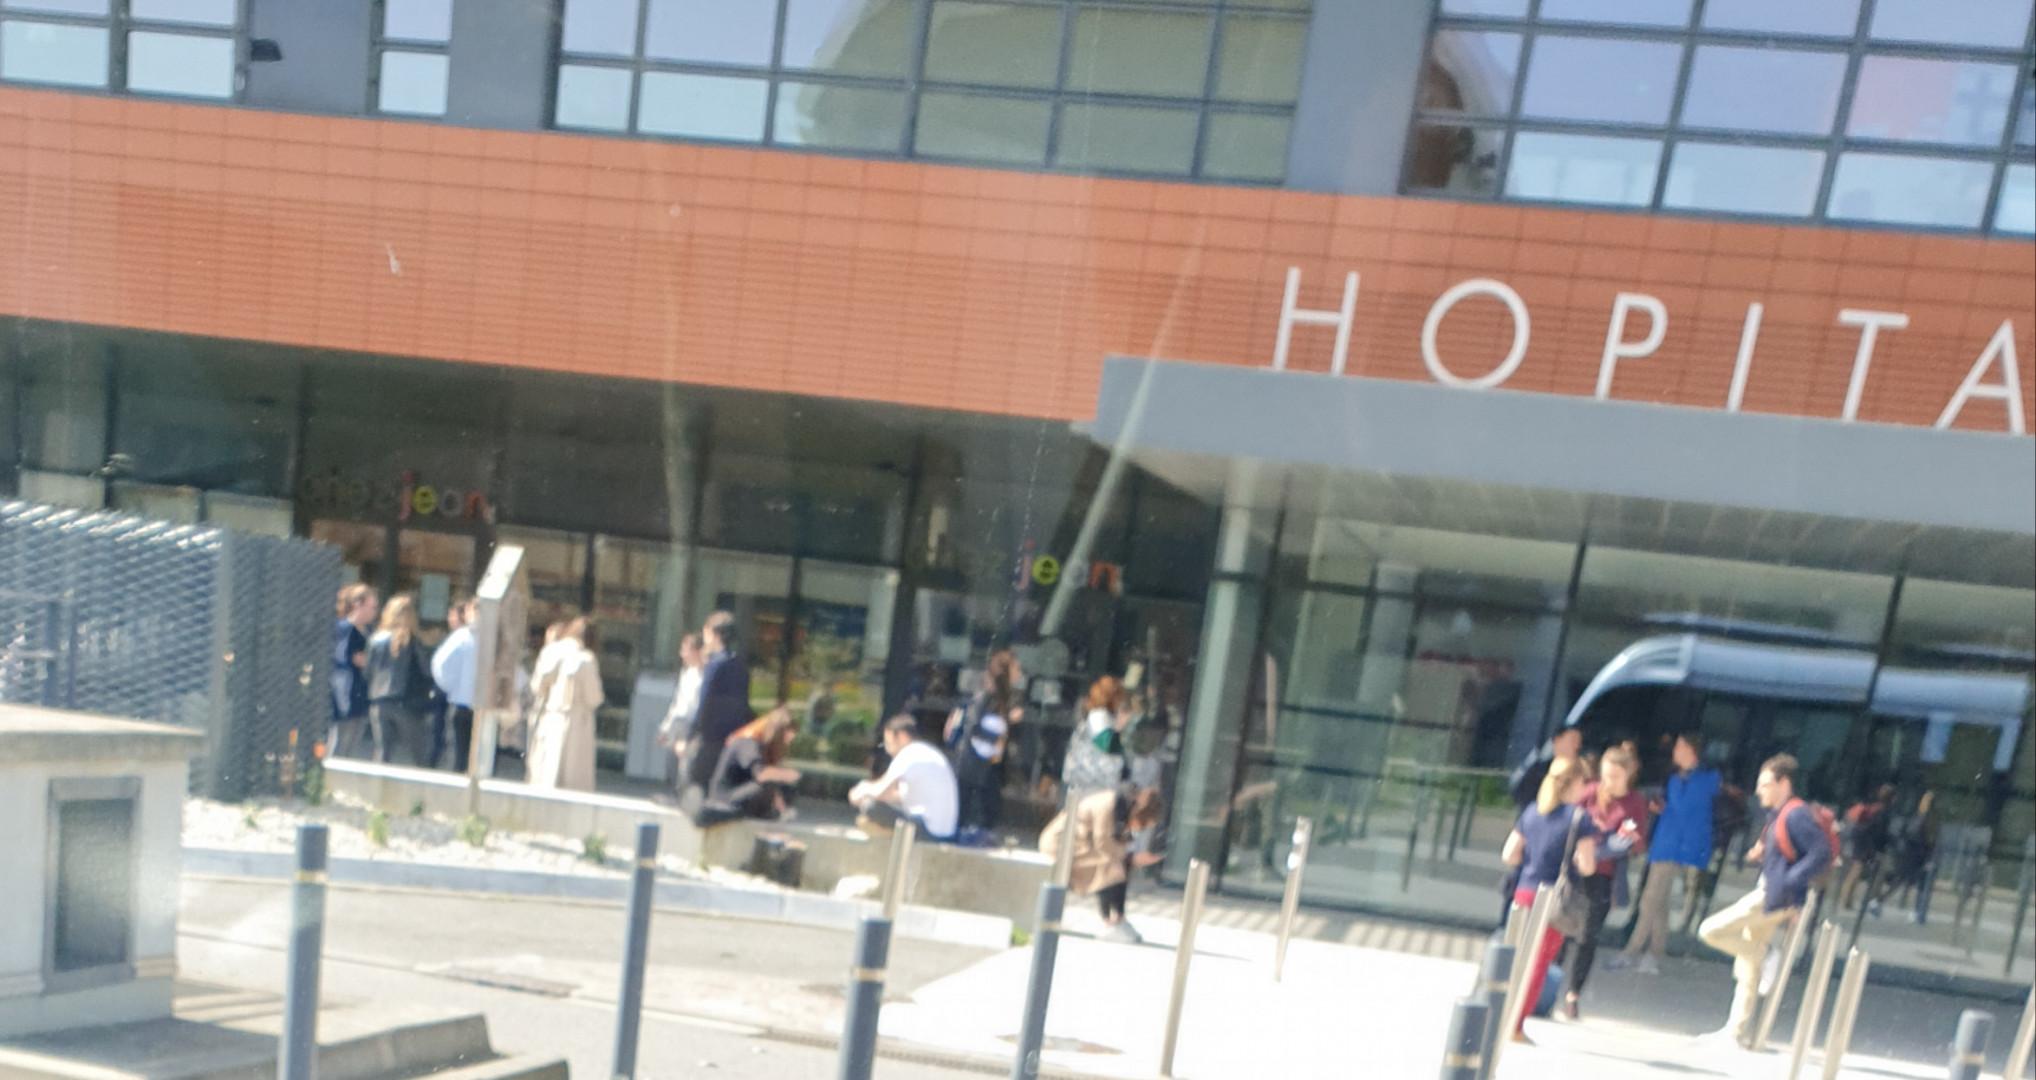 Hôpital Purpan à Toulouse, où des gens se réunissent pour discuter au deuxième jour du confinement, mercredi 18 mars